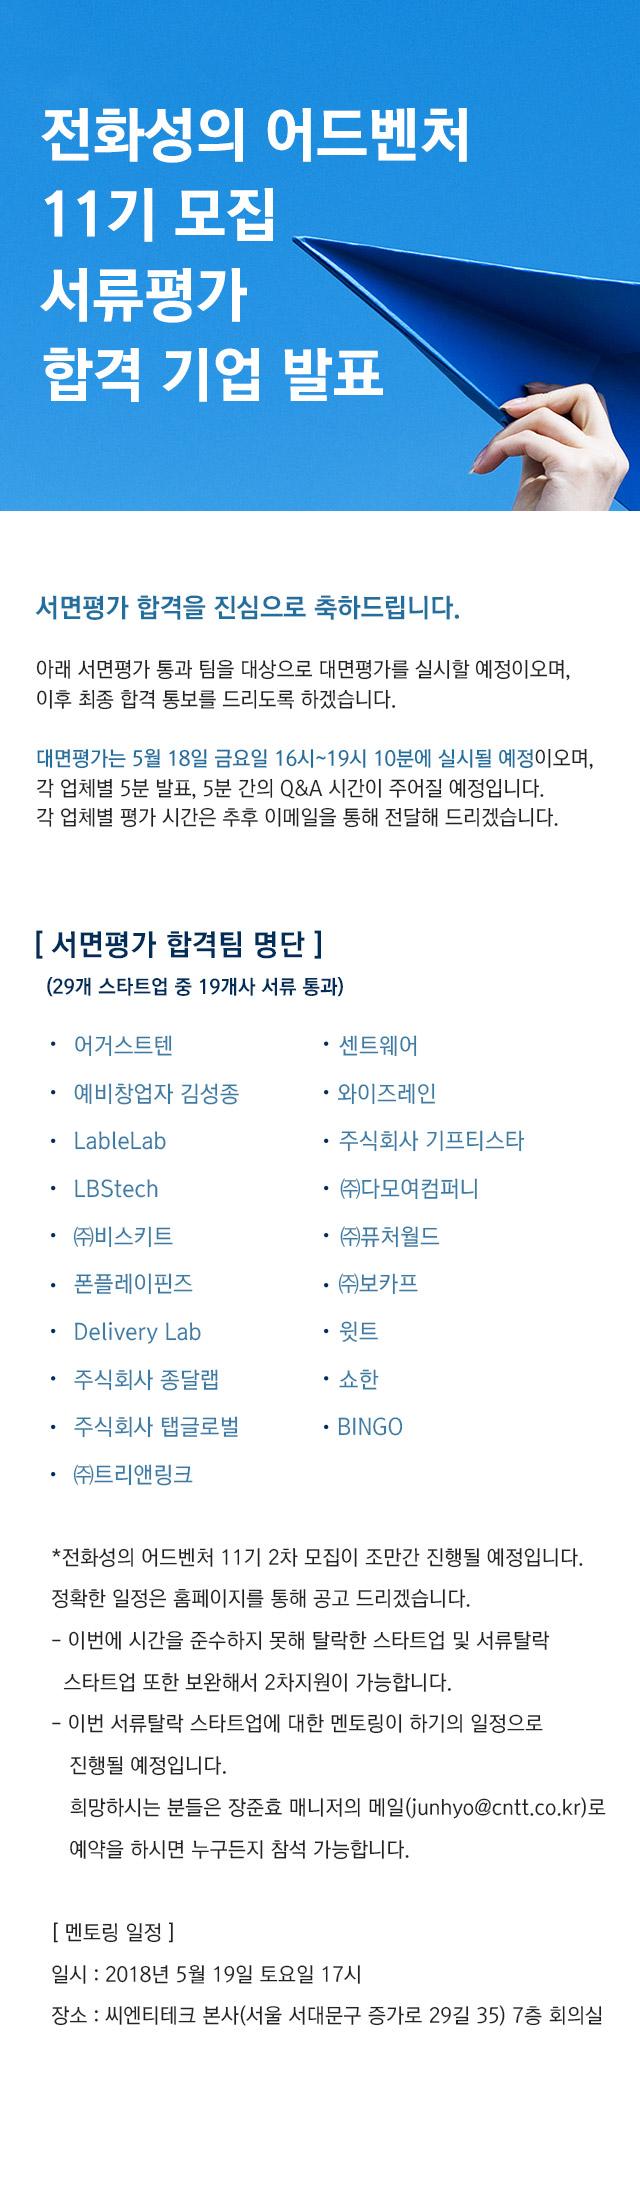 전화성의 어드벤처 11기 모집 서류평가 합격업체 발표